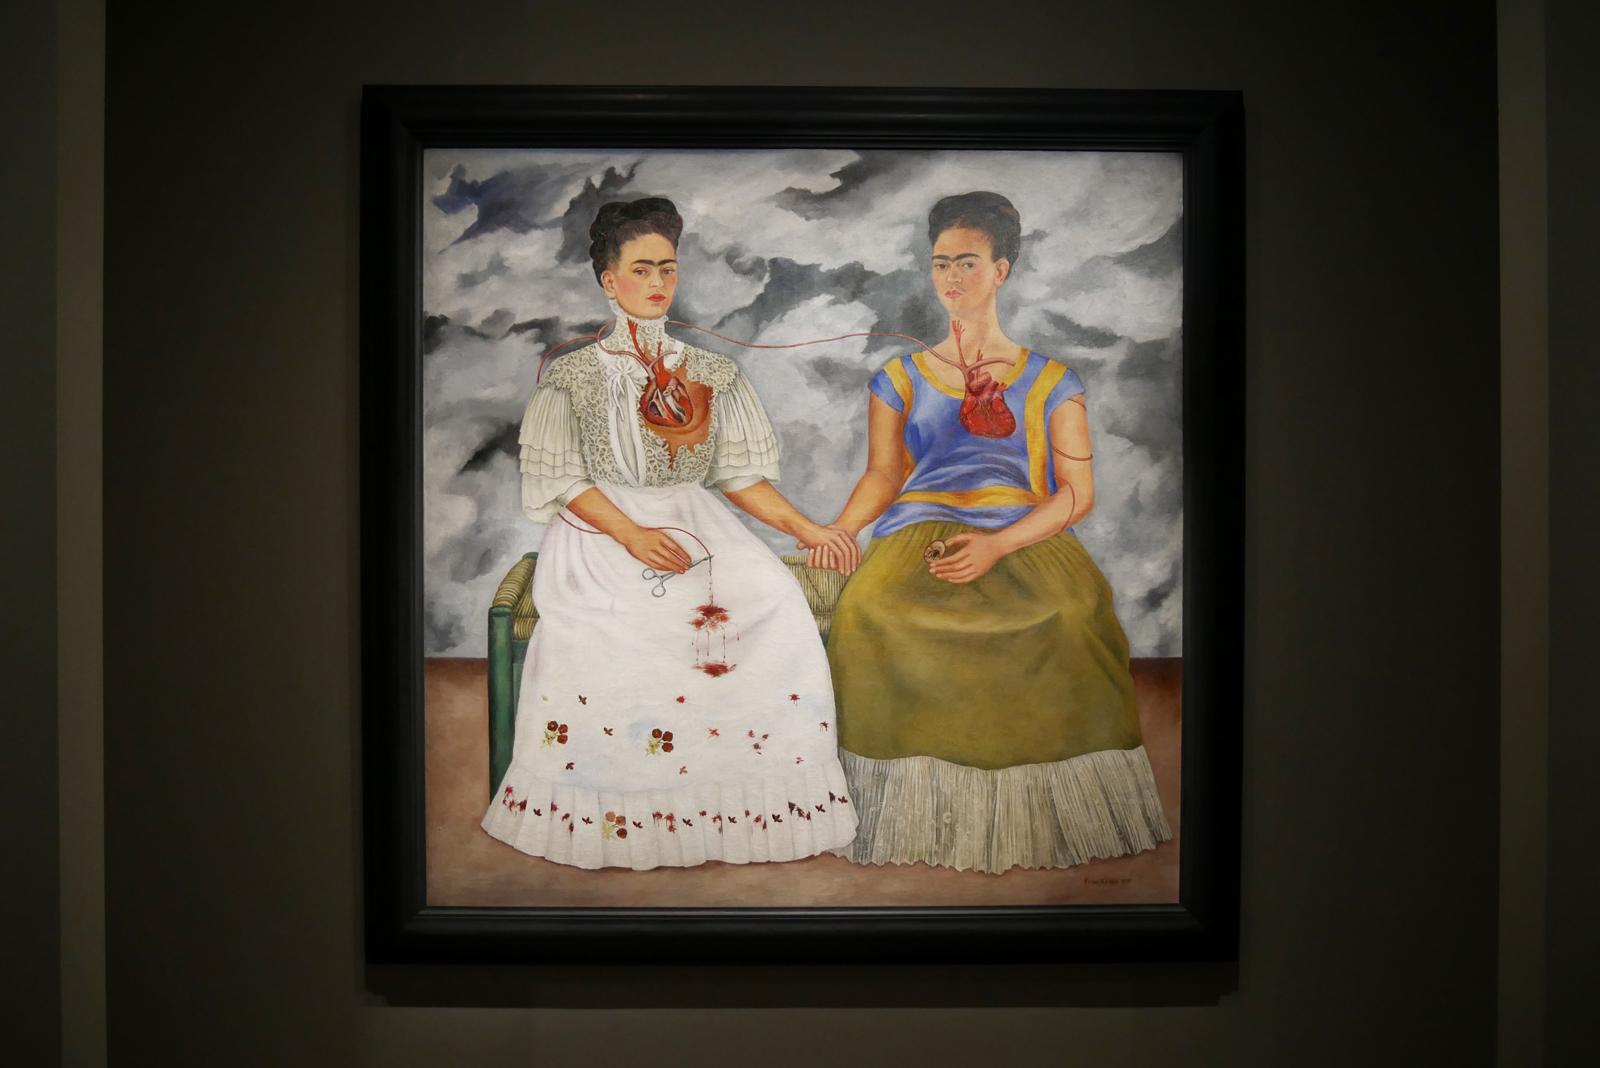 frida-kahlo-les-deux-frida-1939-mexico-inba-museo-de-arte-moderno-exposition-mexique-grand-palais-paris